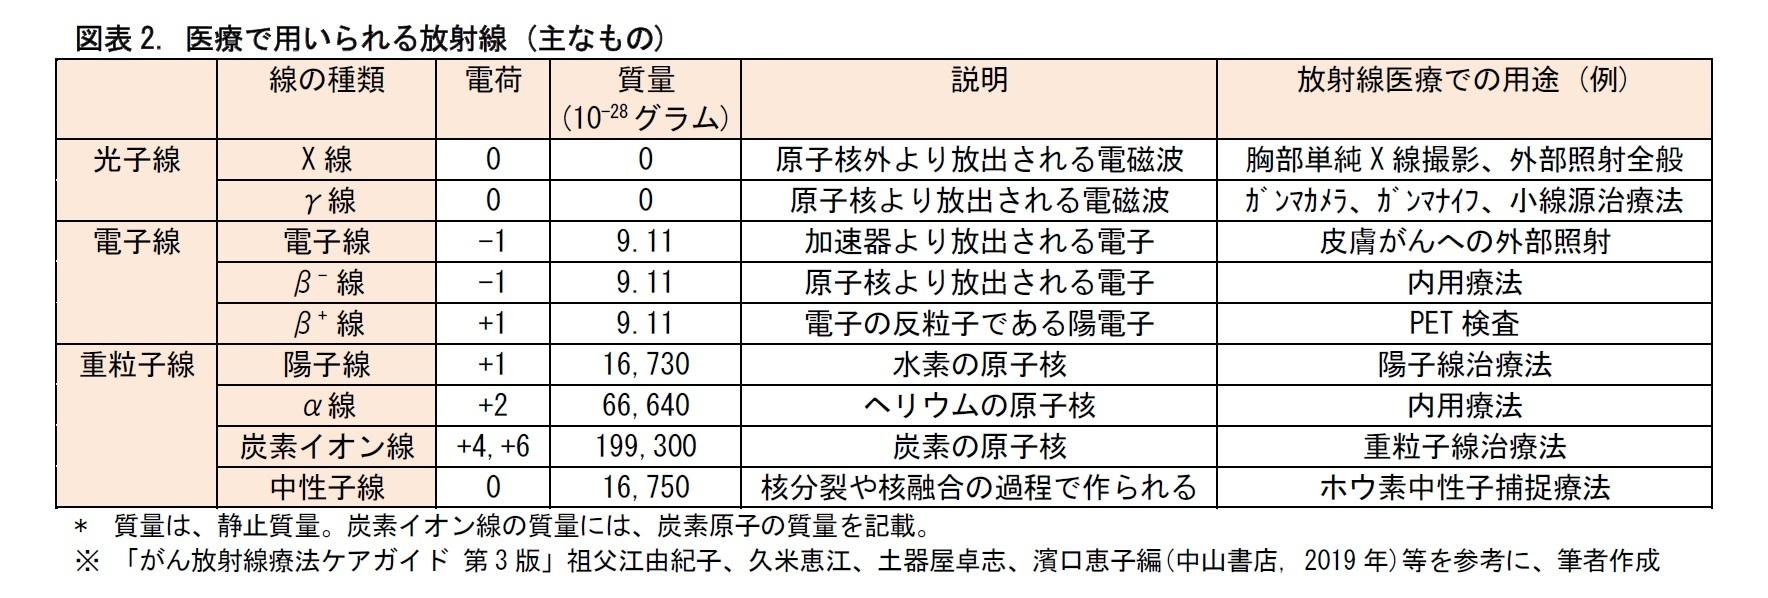 図表2. 医療で用いられる放射線 (主なもの)